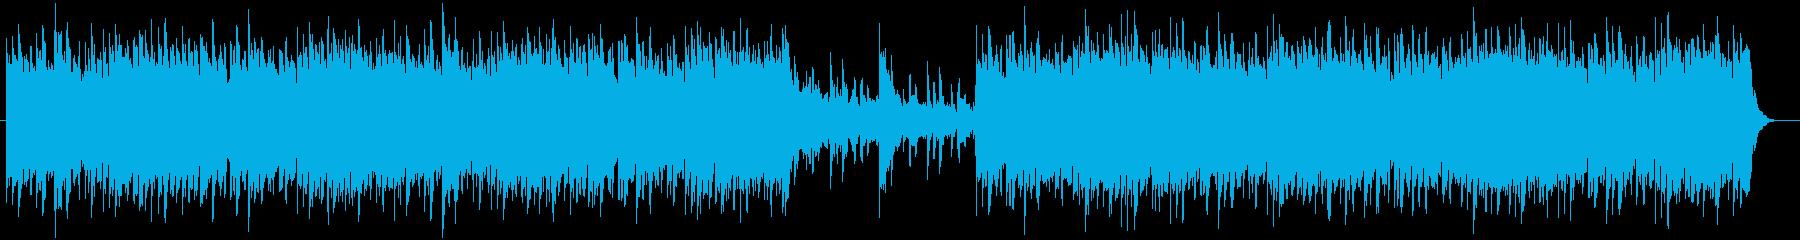 ミステリアスかつ神秘的なBGMの再生済みの波形